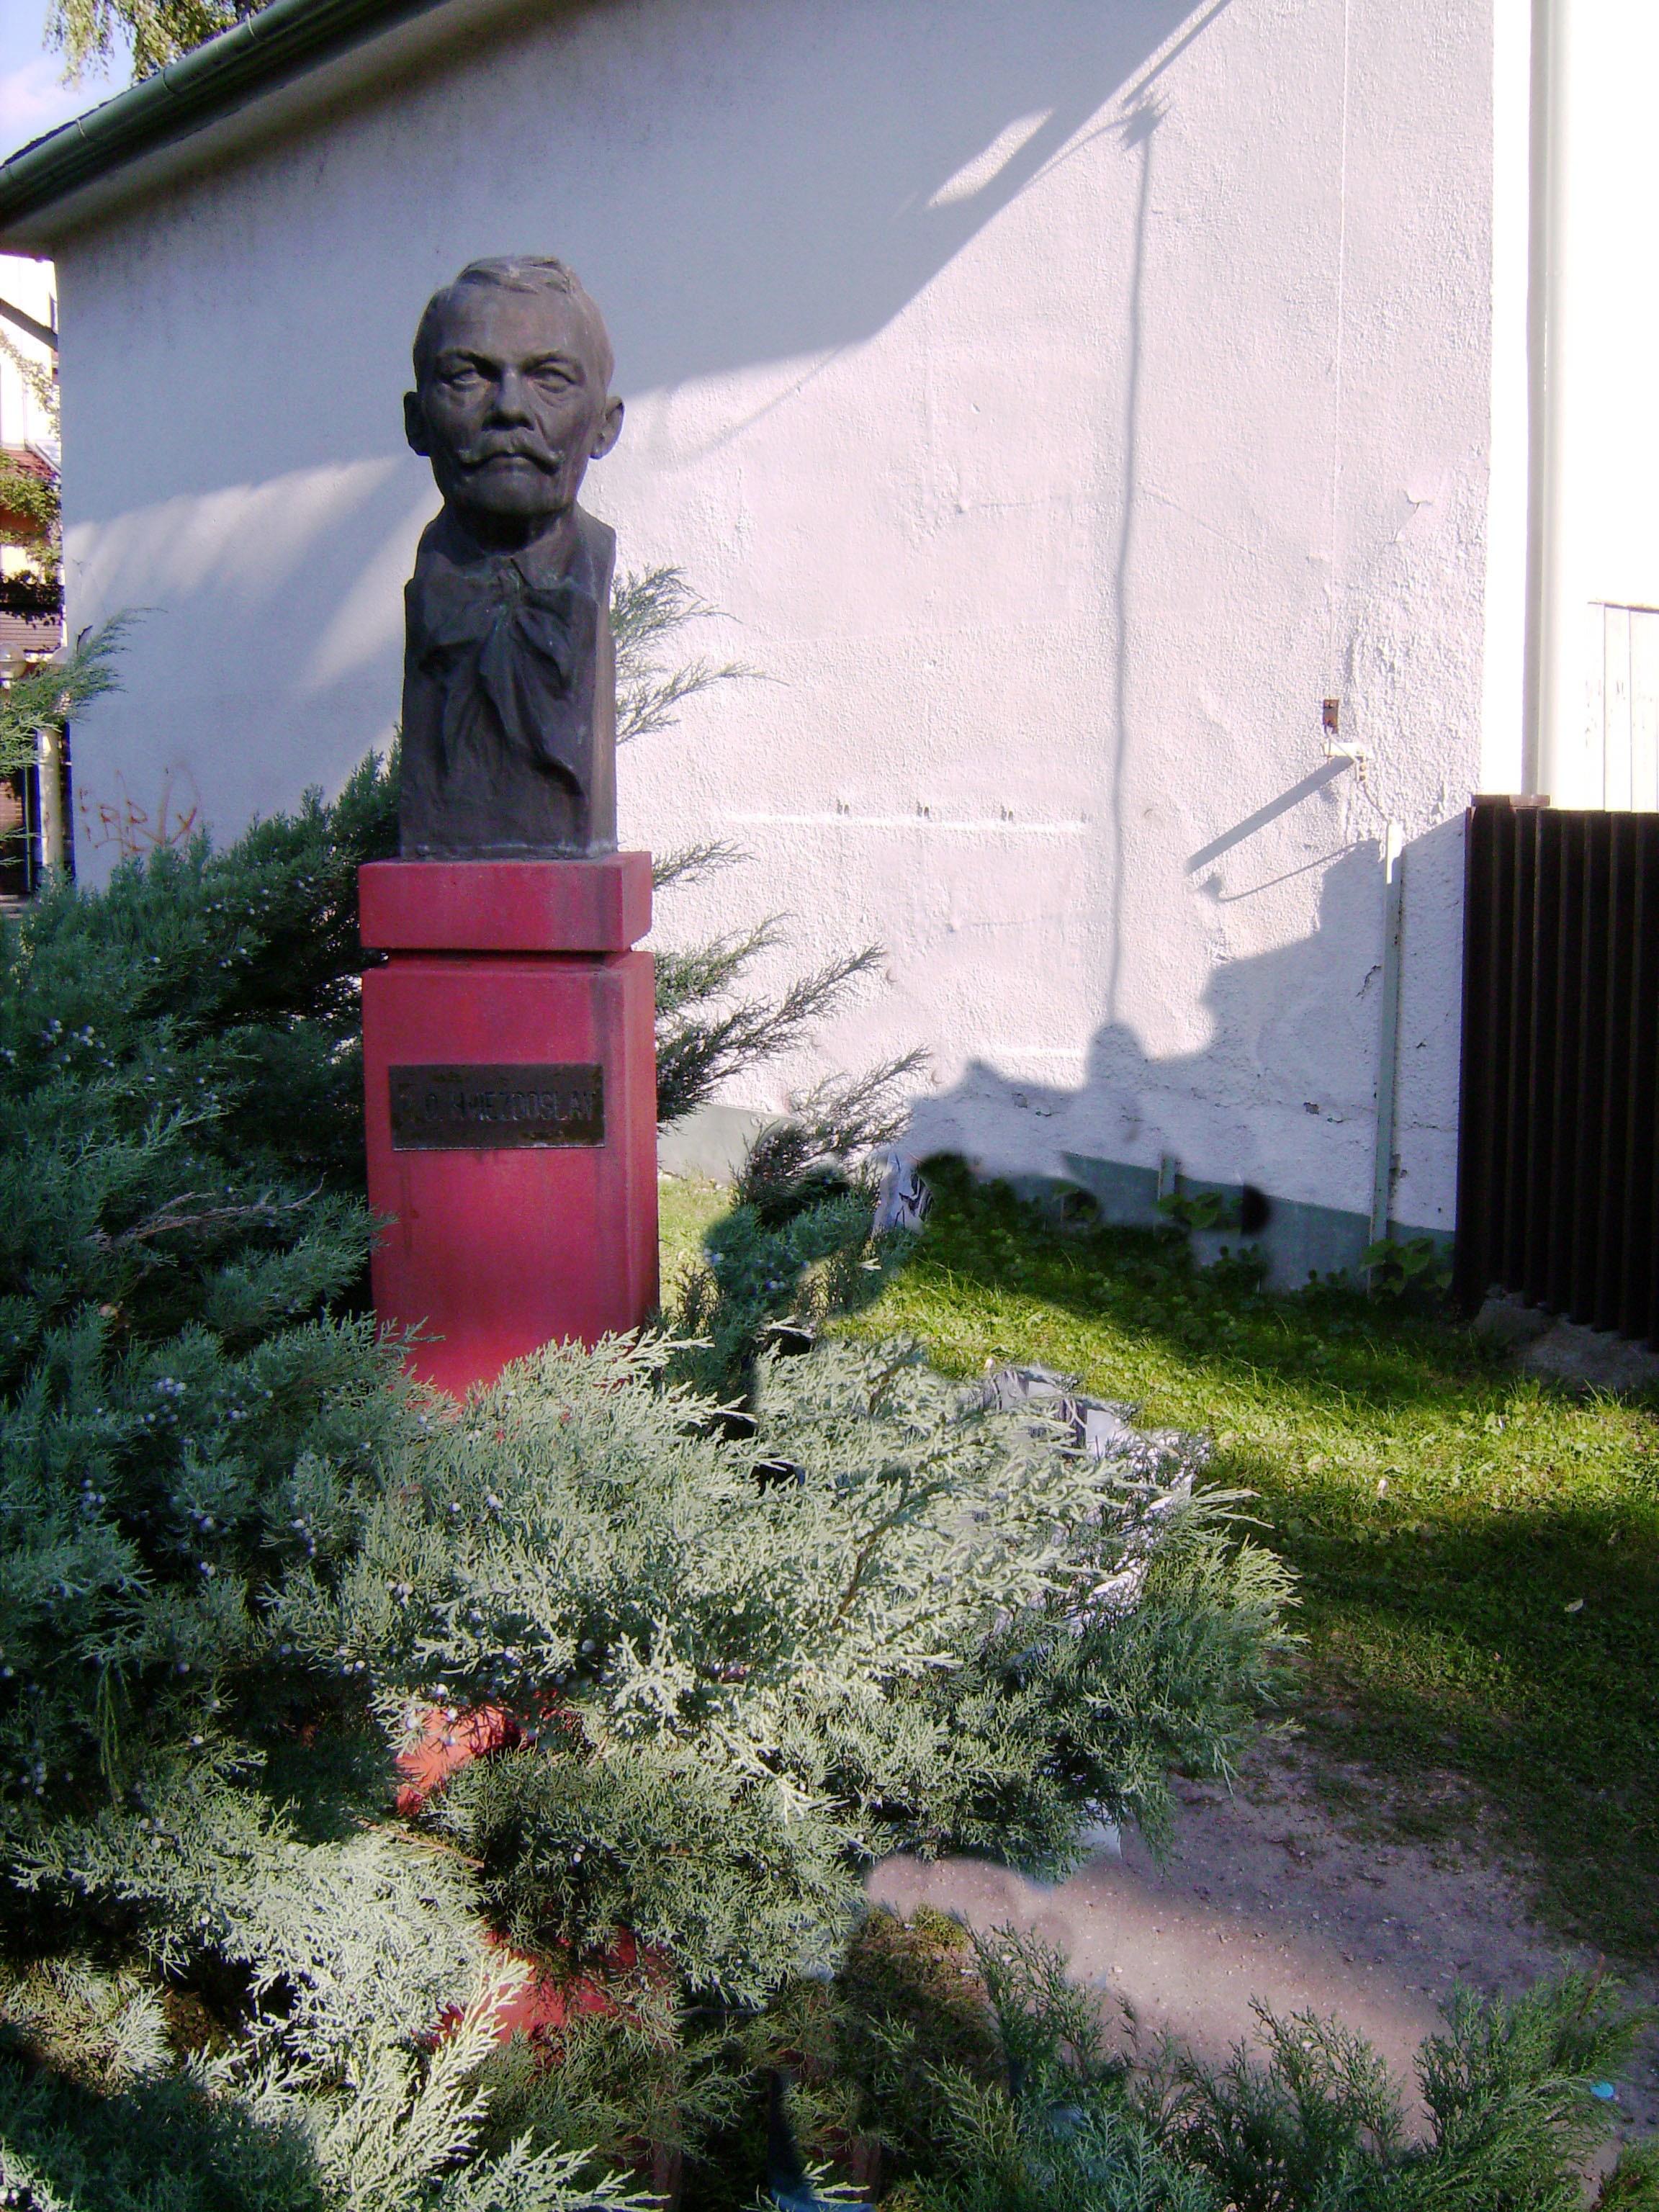 Hviezdoslav vagy Pavol Országh-Hviezdoslav (eredetileg Pavol Országh, magyarosan Országh Pál, 1849–1921)<br />szlovák költő, drámaíró, műfordító.<br />